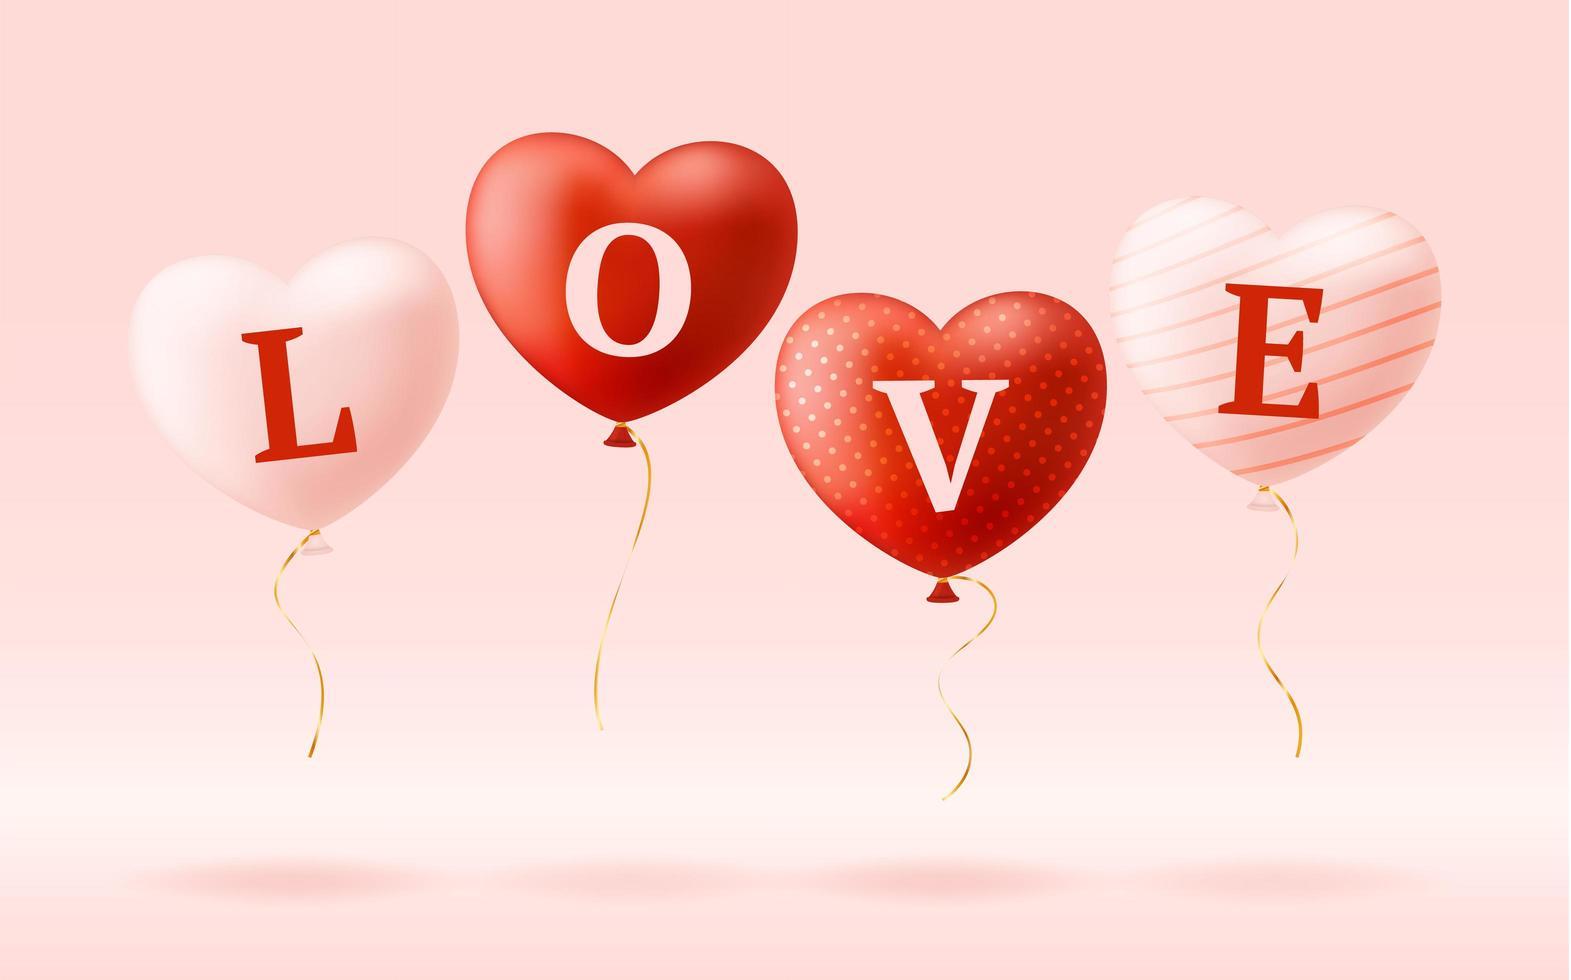 liefdeswoord over realistische hartballonnen vector